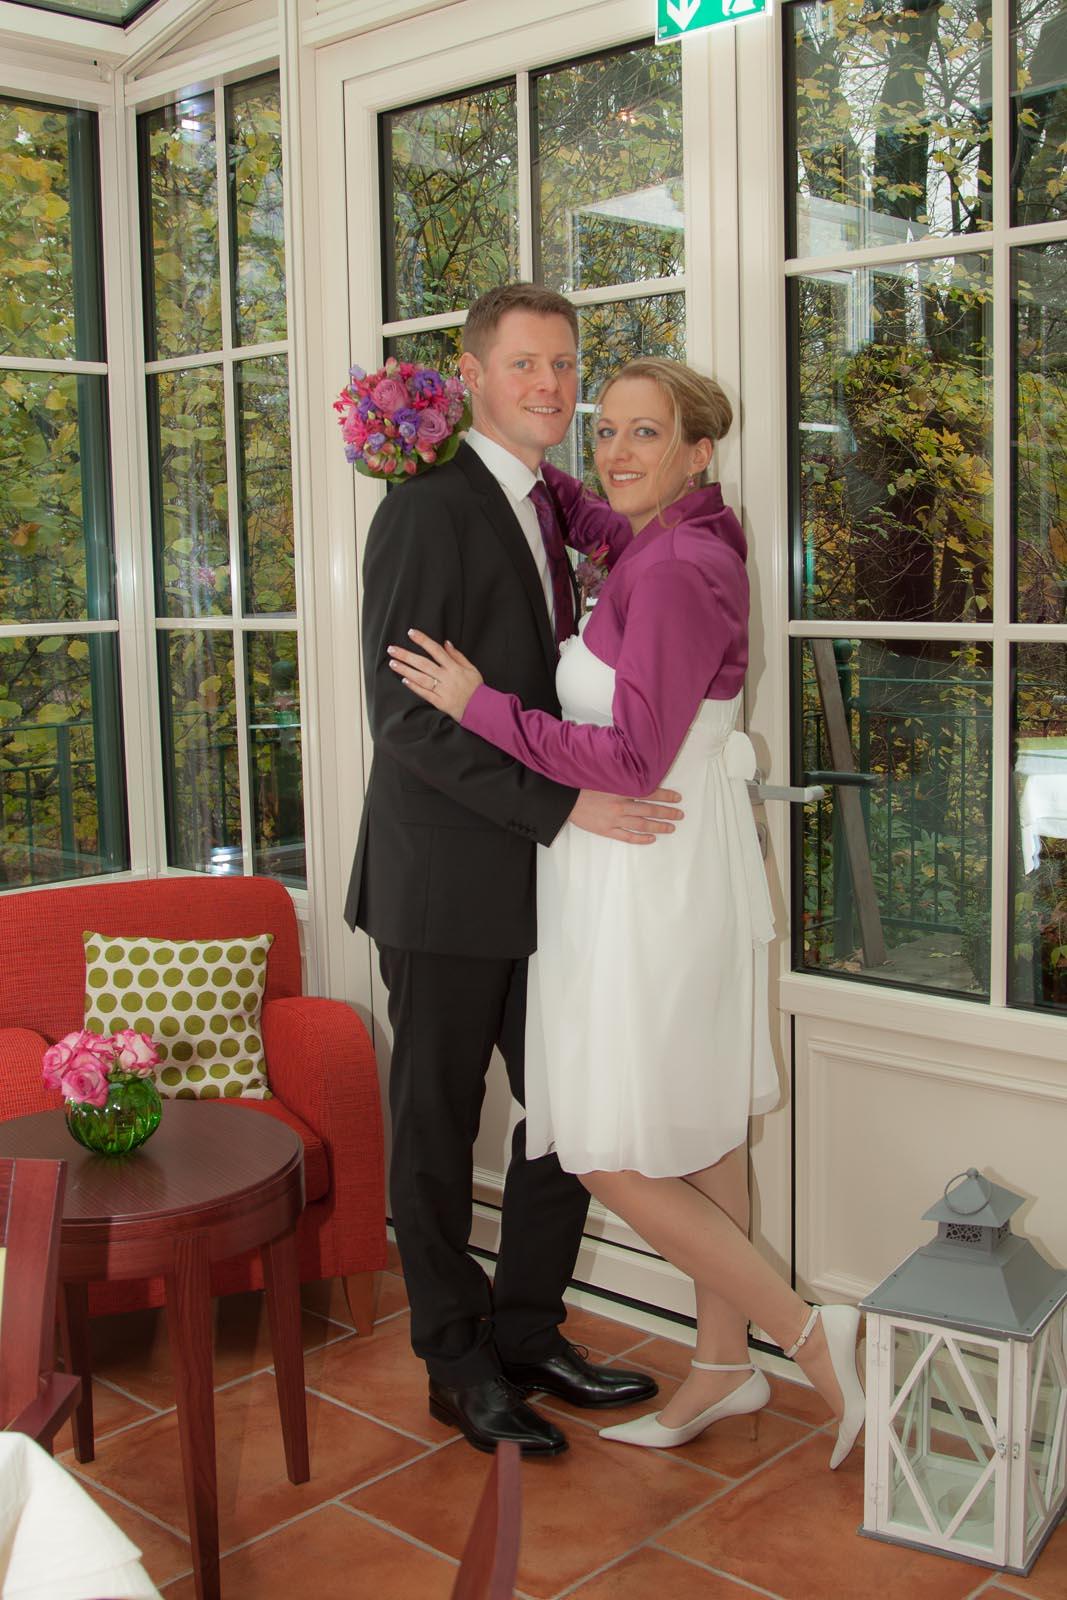 Hochzeit-Portrait-Seibert-Hochzeit-Seibert-3930.jpg